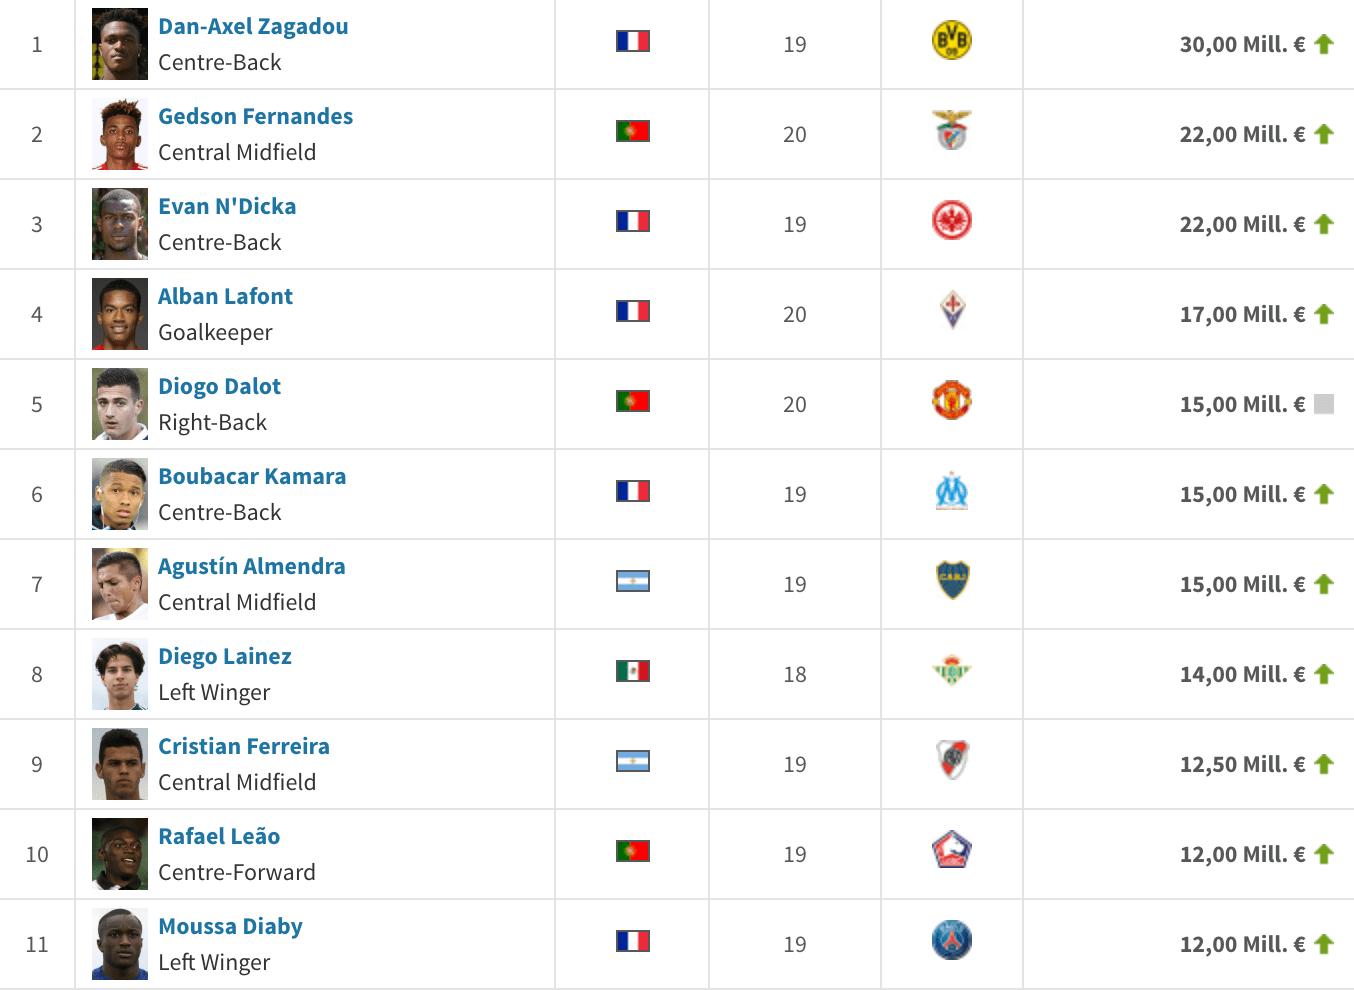 jugadores más valiosos sub-20